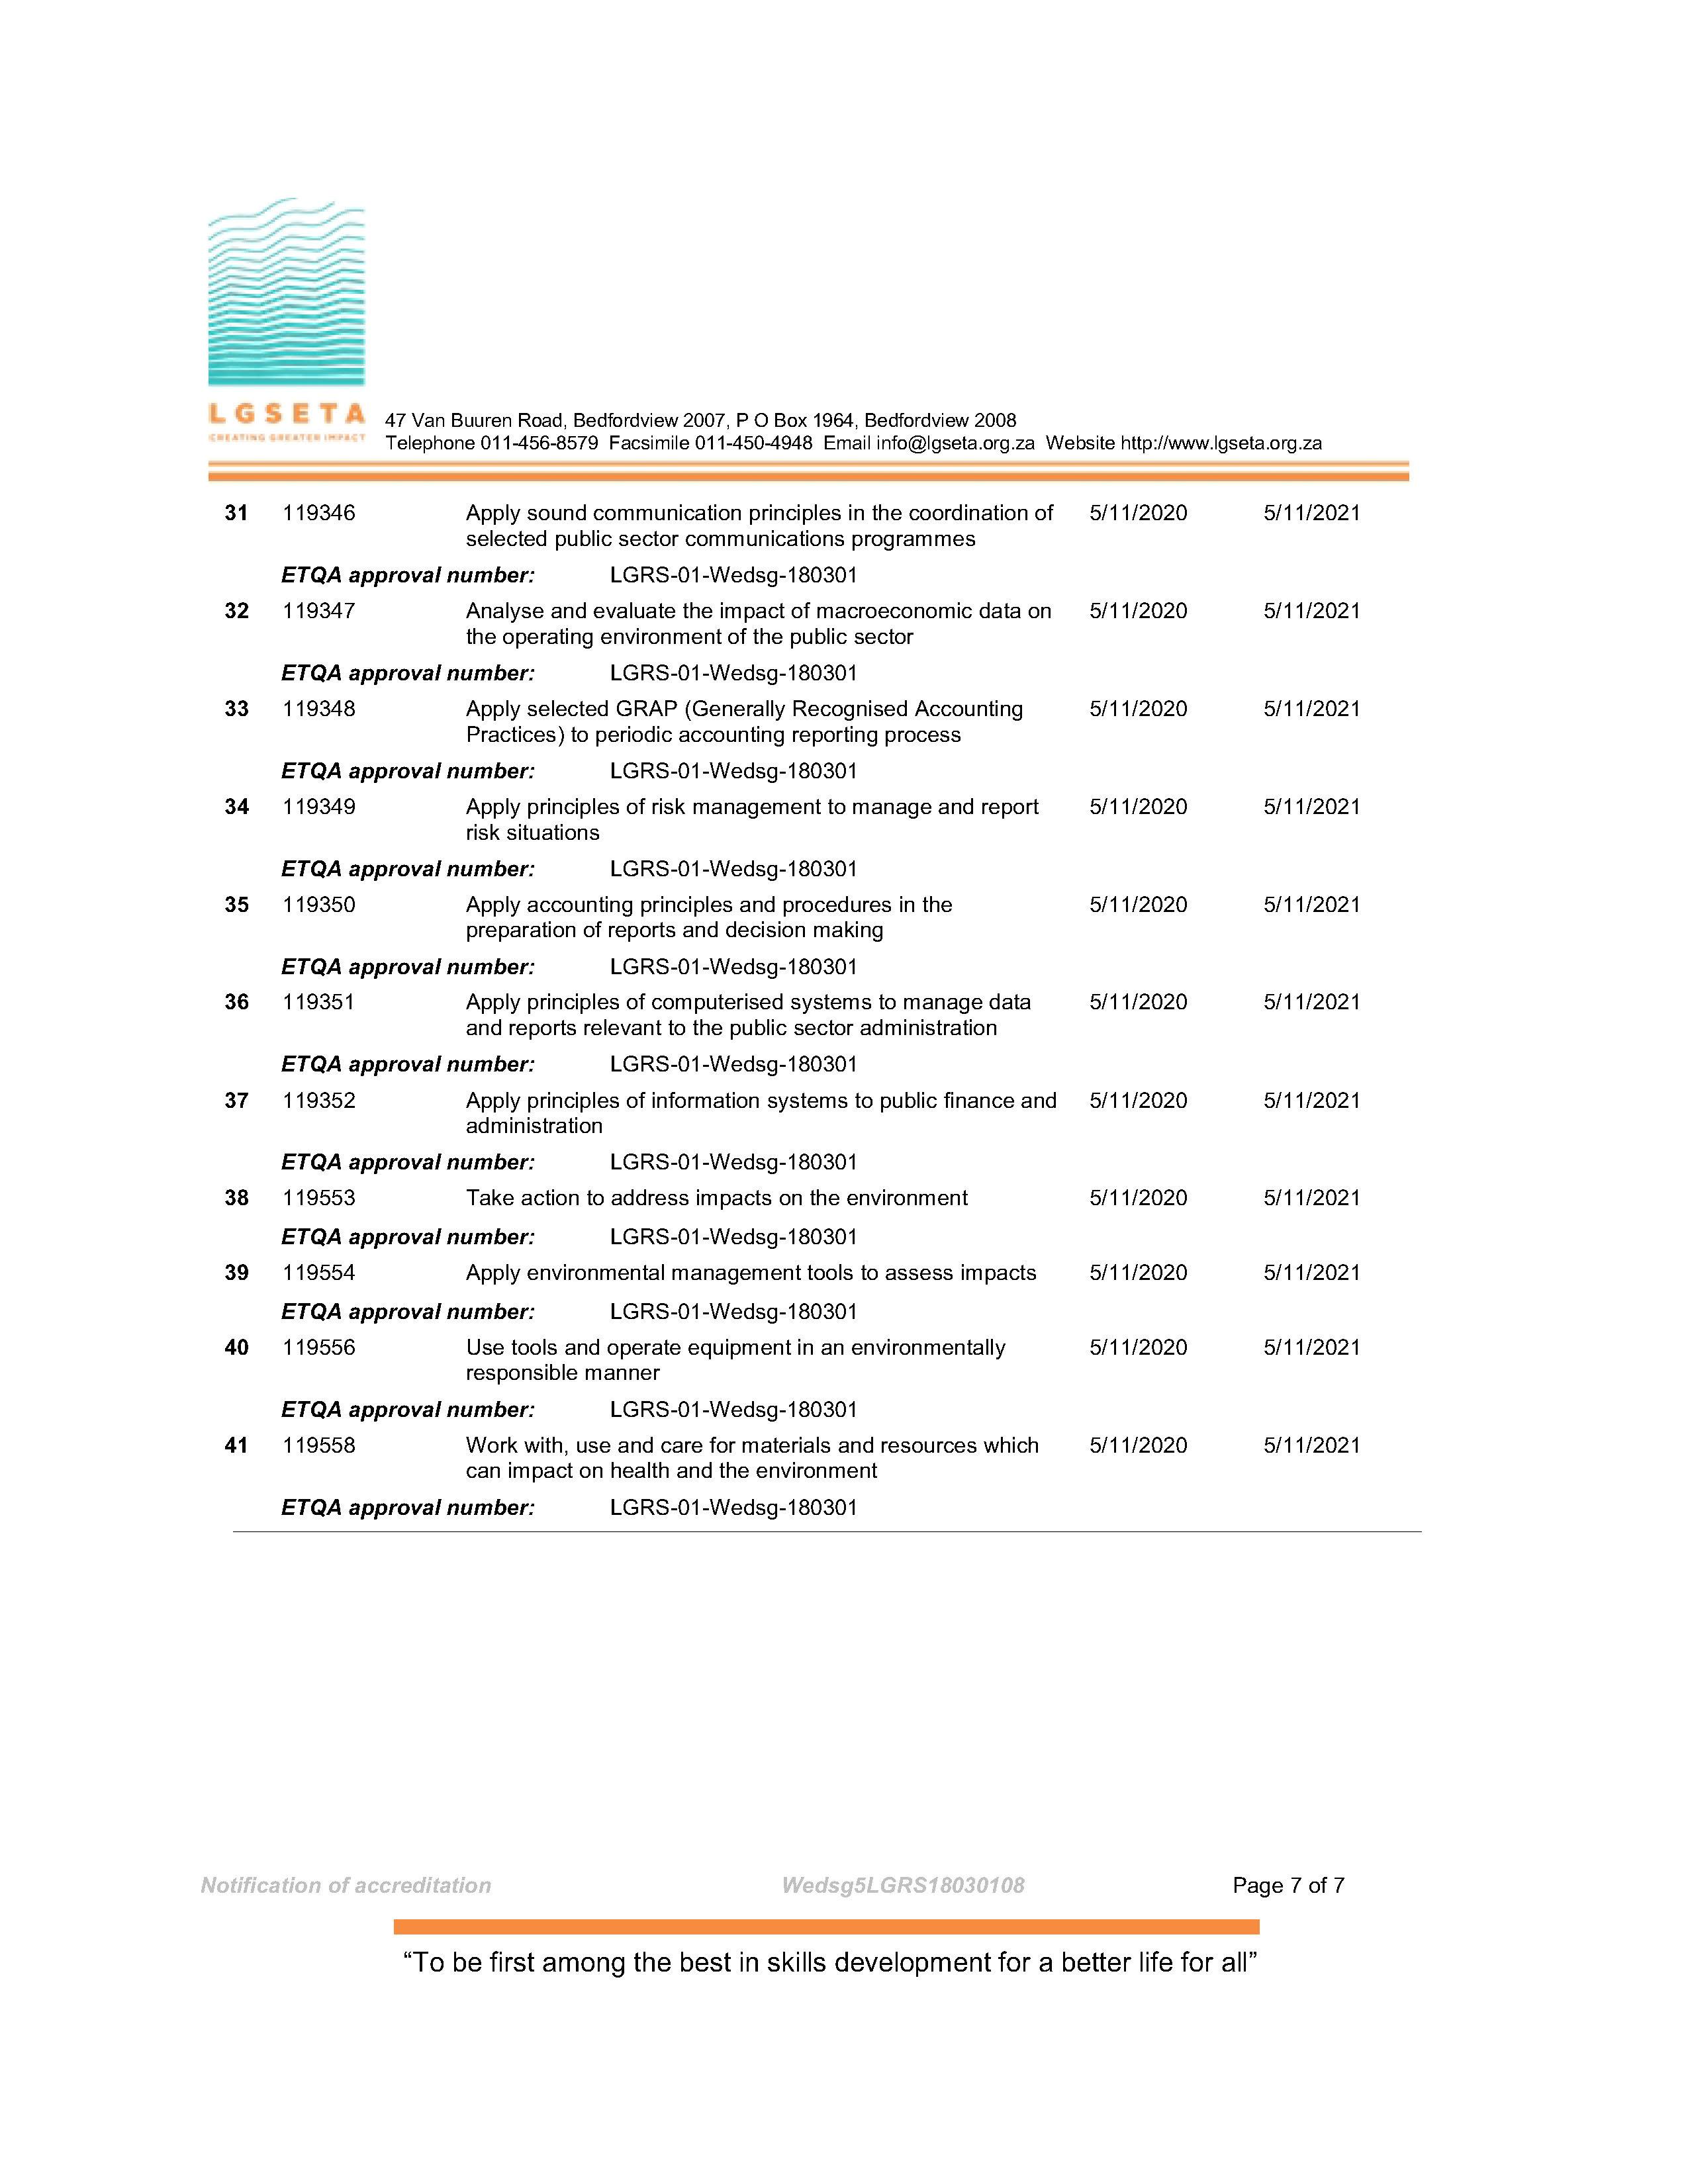 LGSETA ACCREDITATION 11 MAY 2021_Page_7